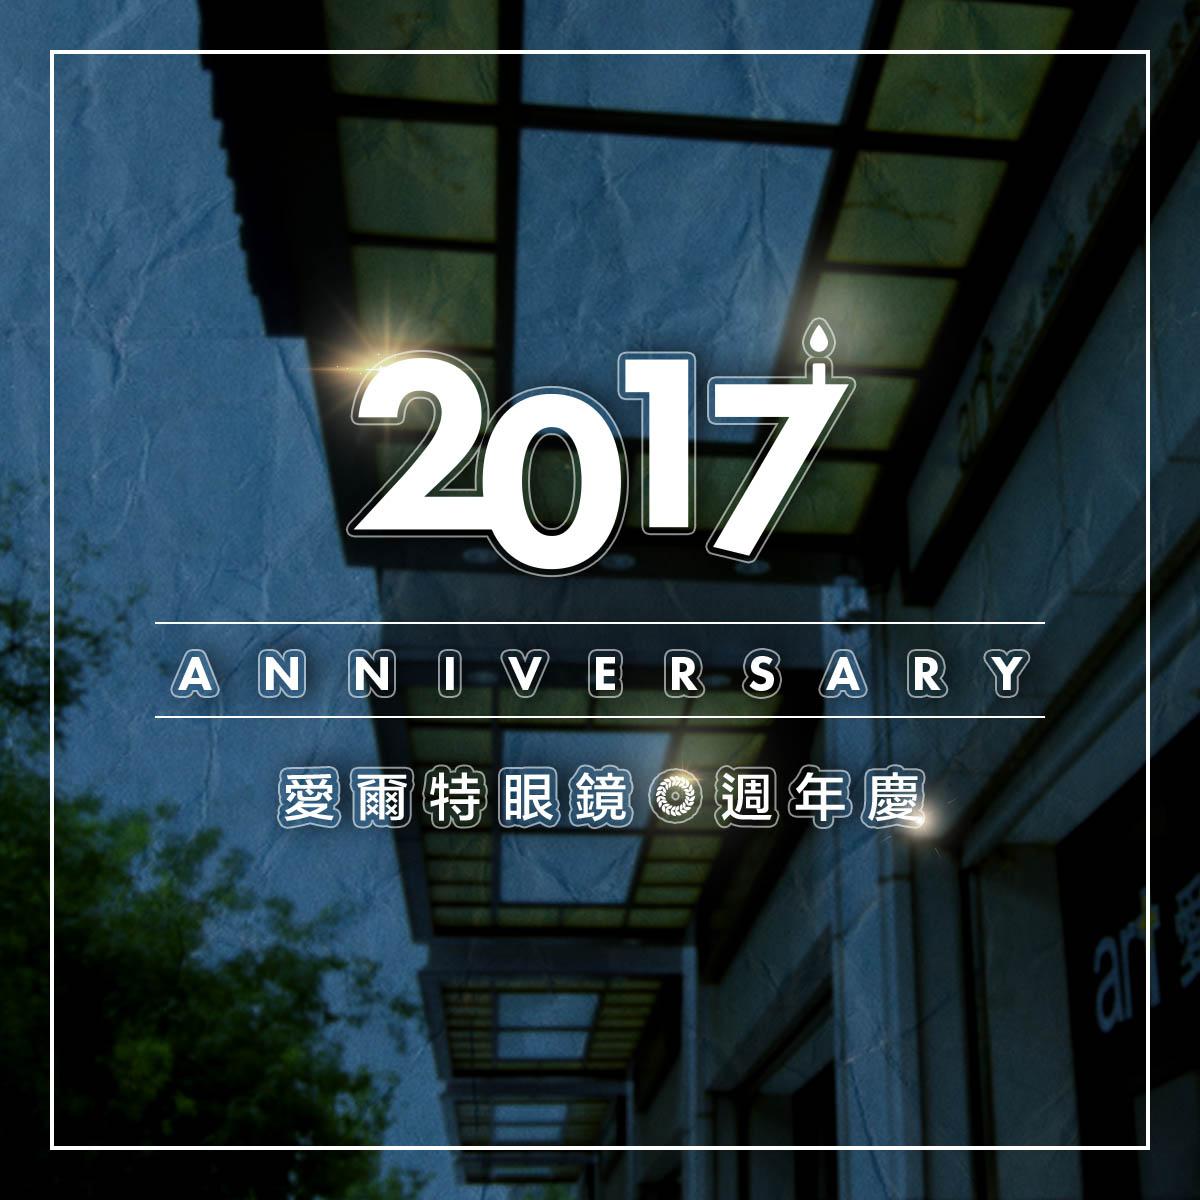 20170902-2017-art-anniversary-001